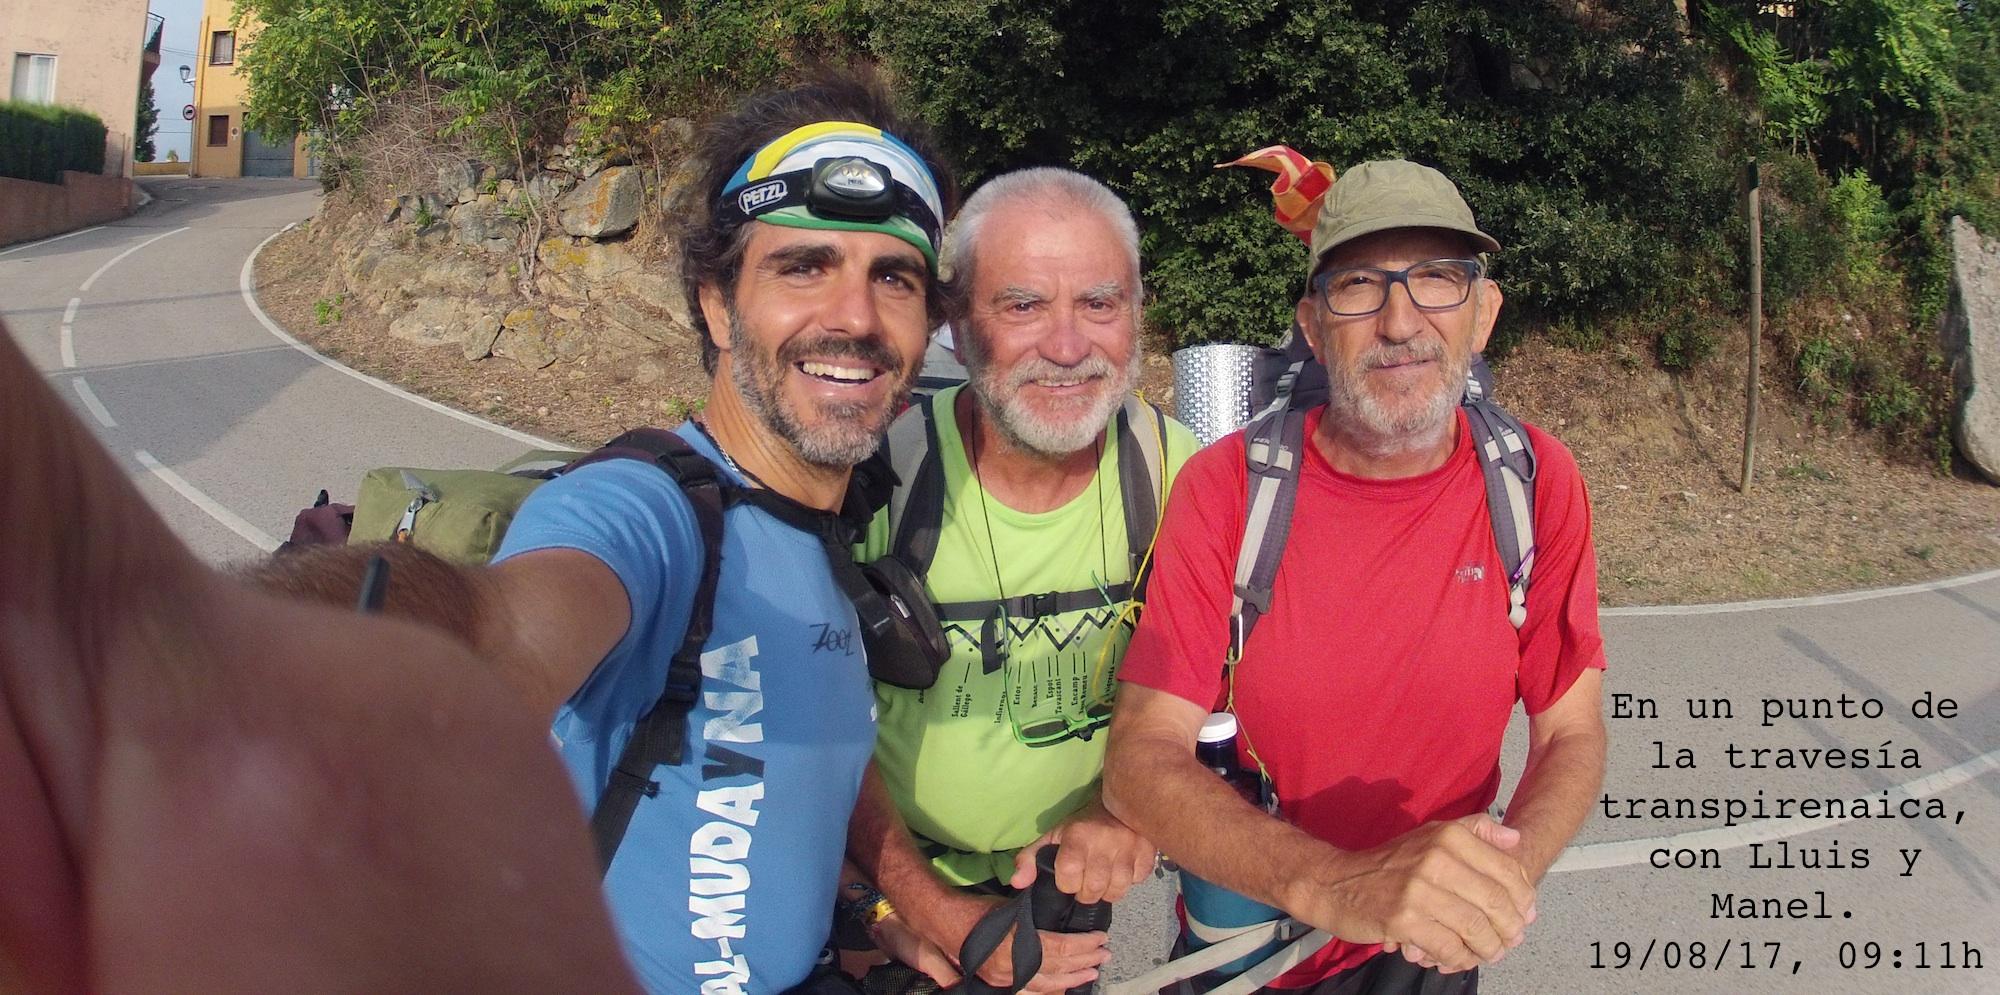 En un punto del GR11, con Lluis y Manel